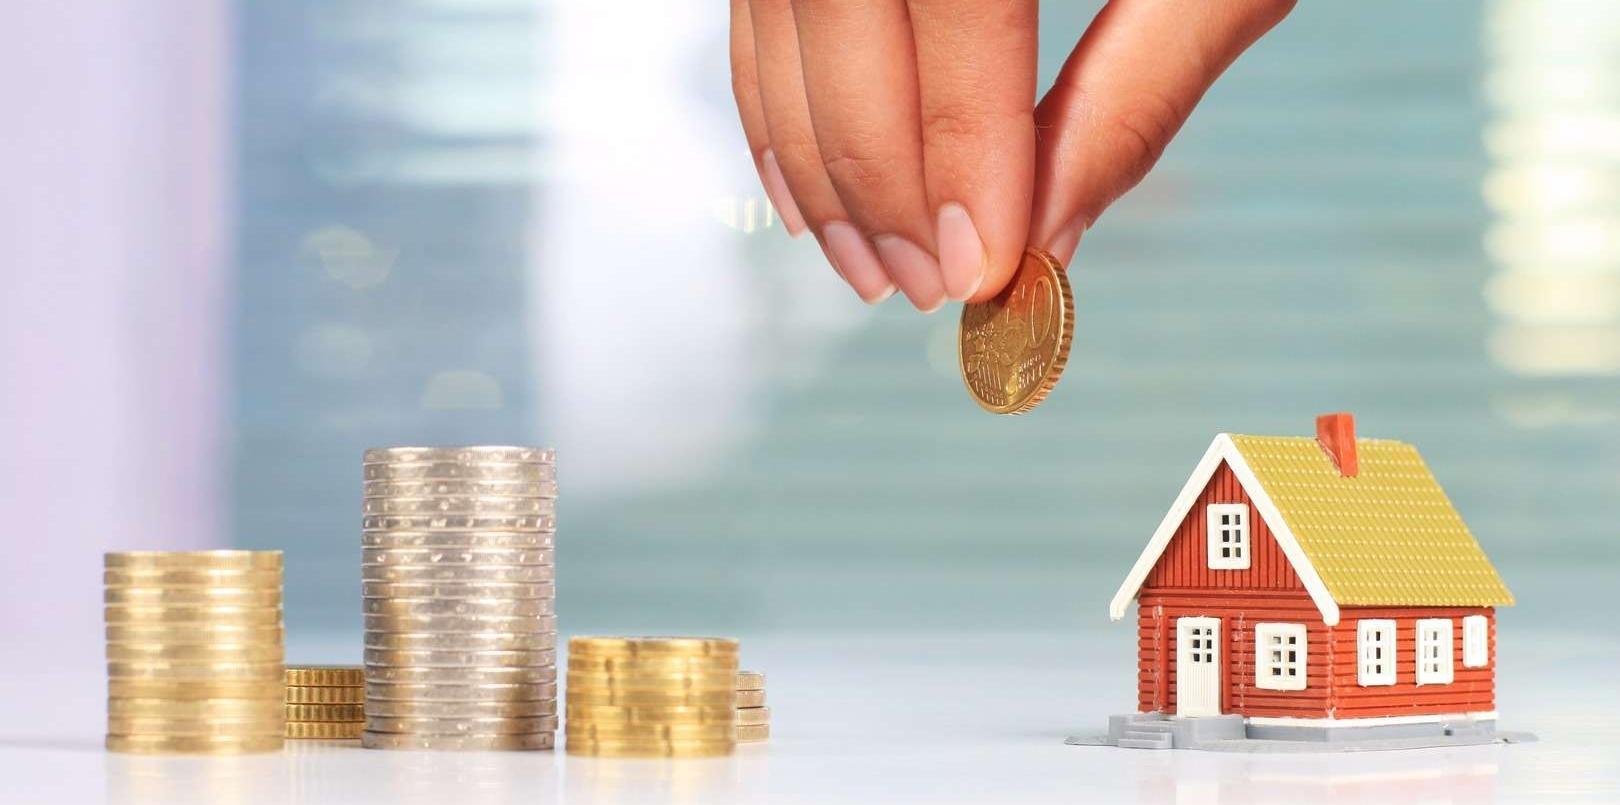 Часть затрат на покупку квартиры в России можно возместить, получив налоговый вычет от государства